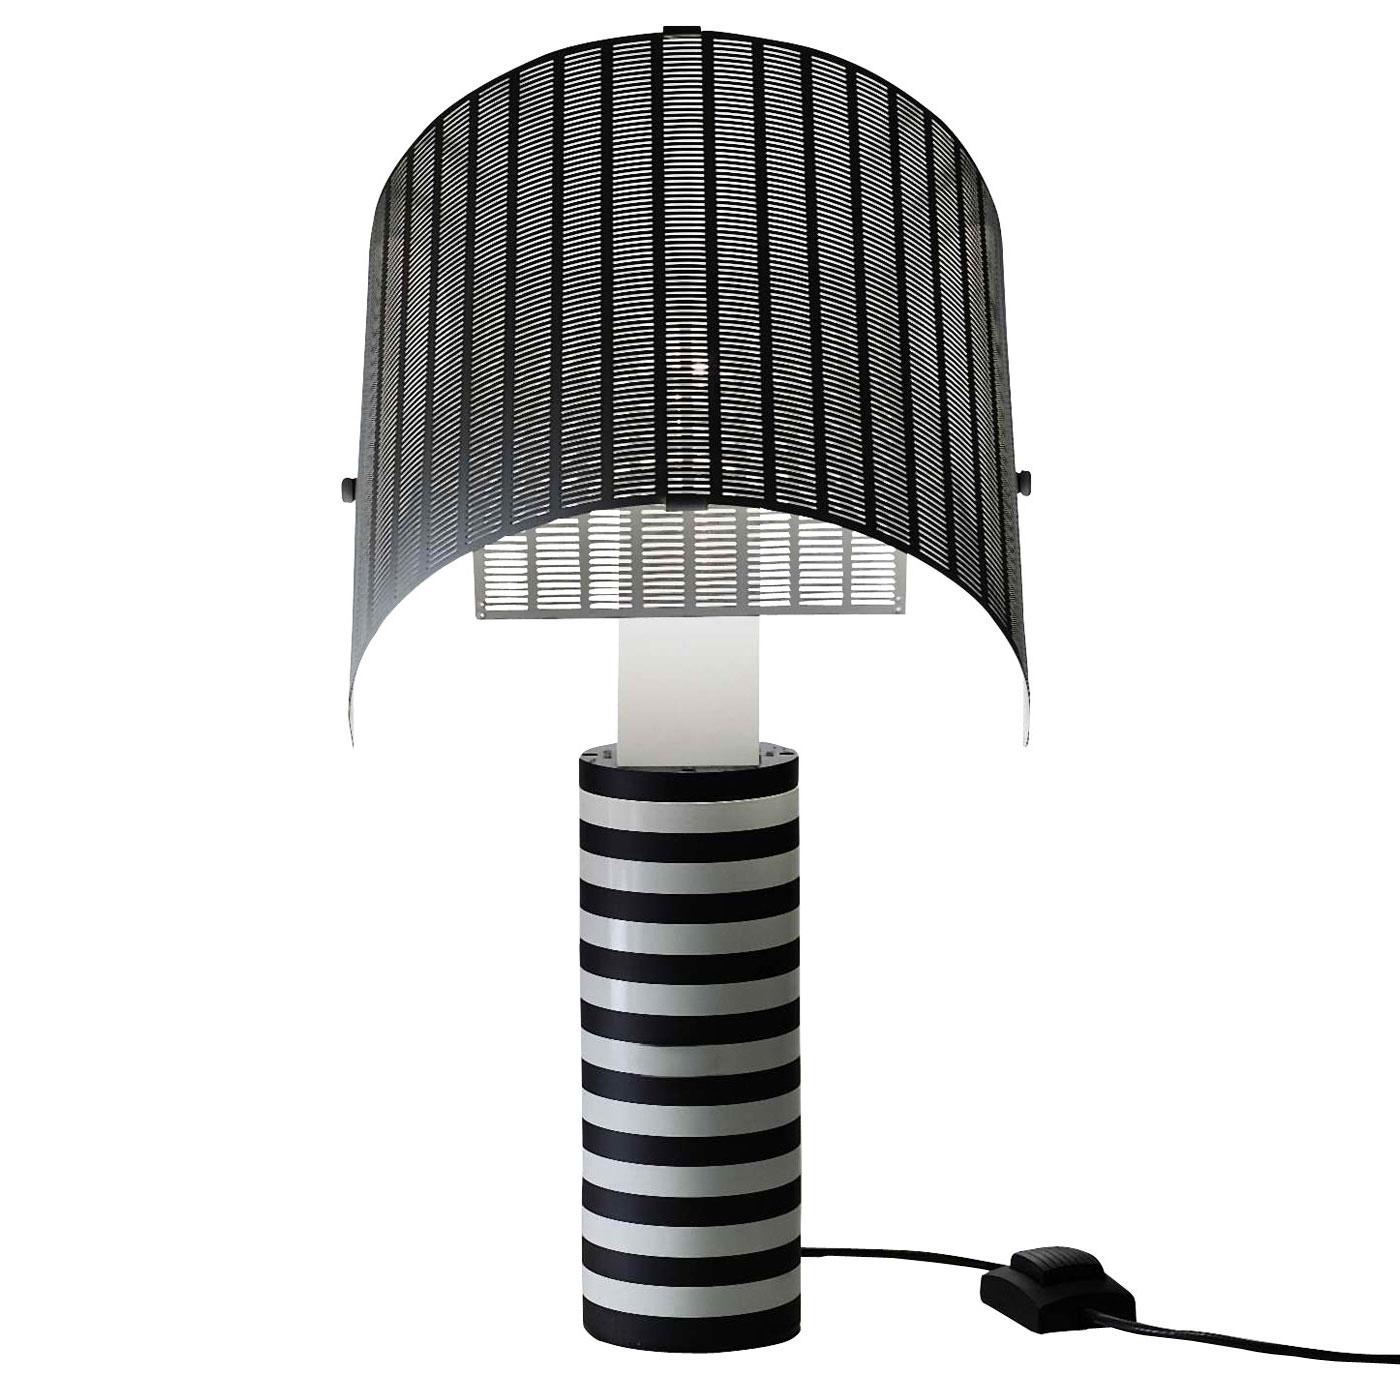 artemide shogun tavolo preisvergleich tischleuchte g nstig kaufen bei. Black Bedroom Furniture Sets. Home Design Ideas